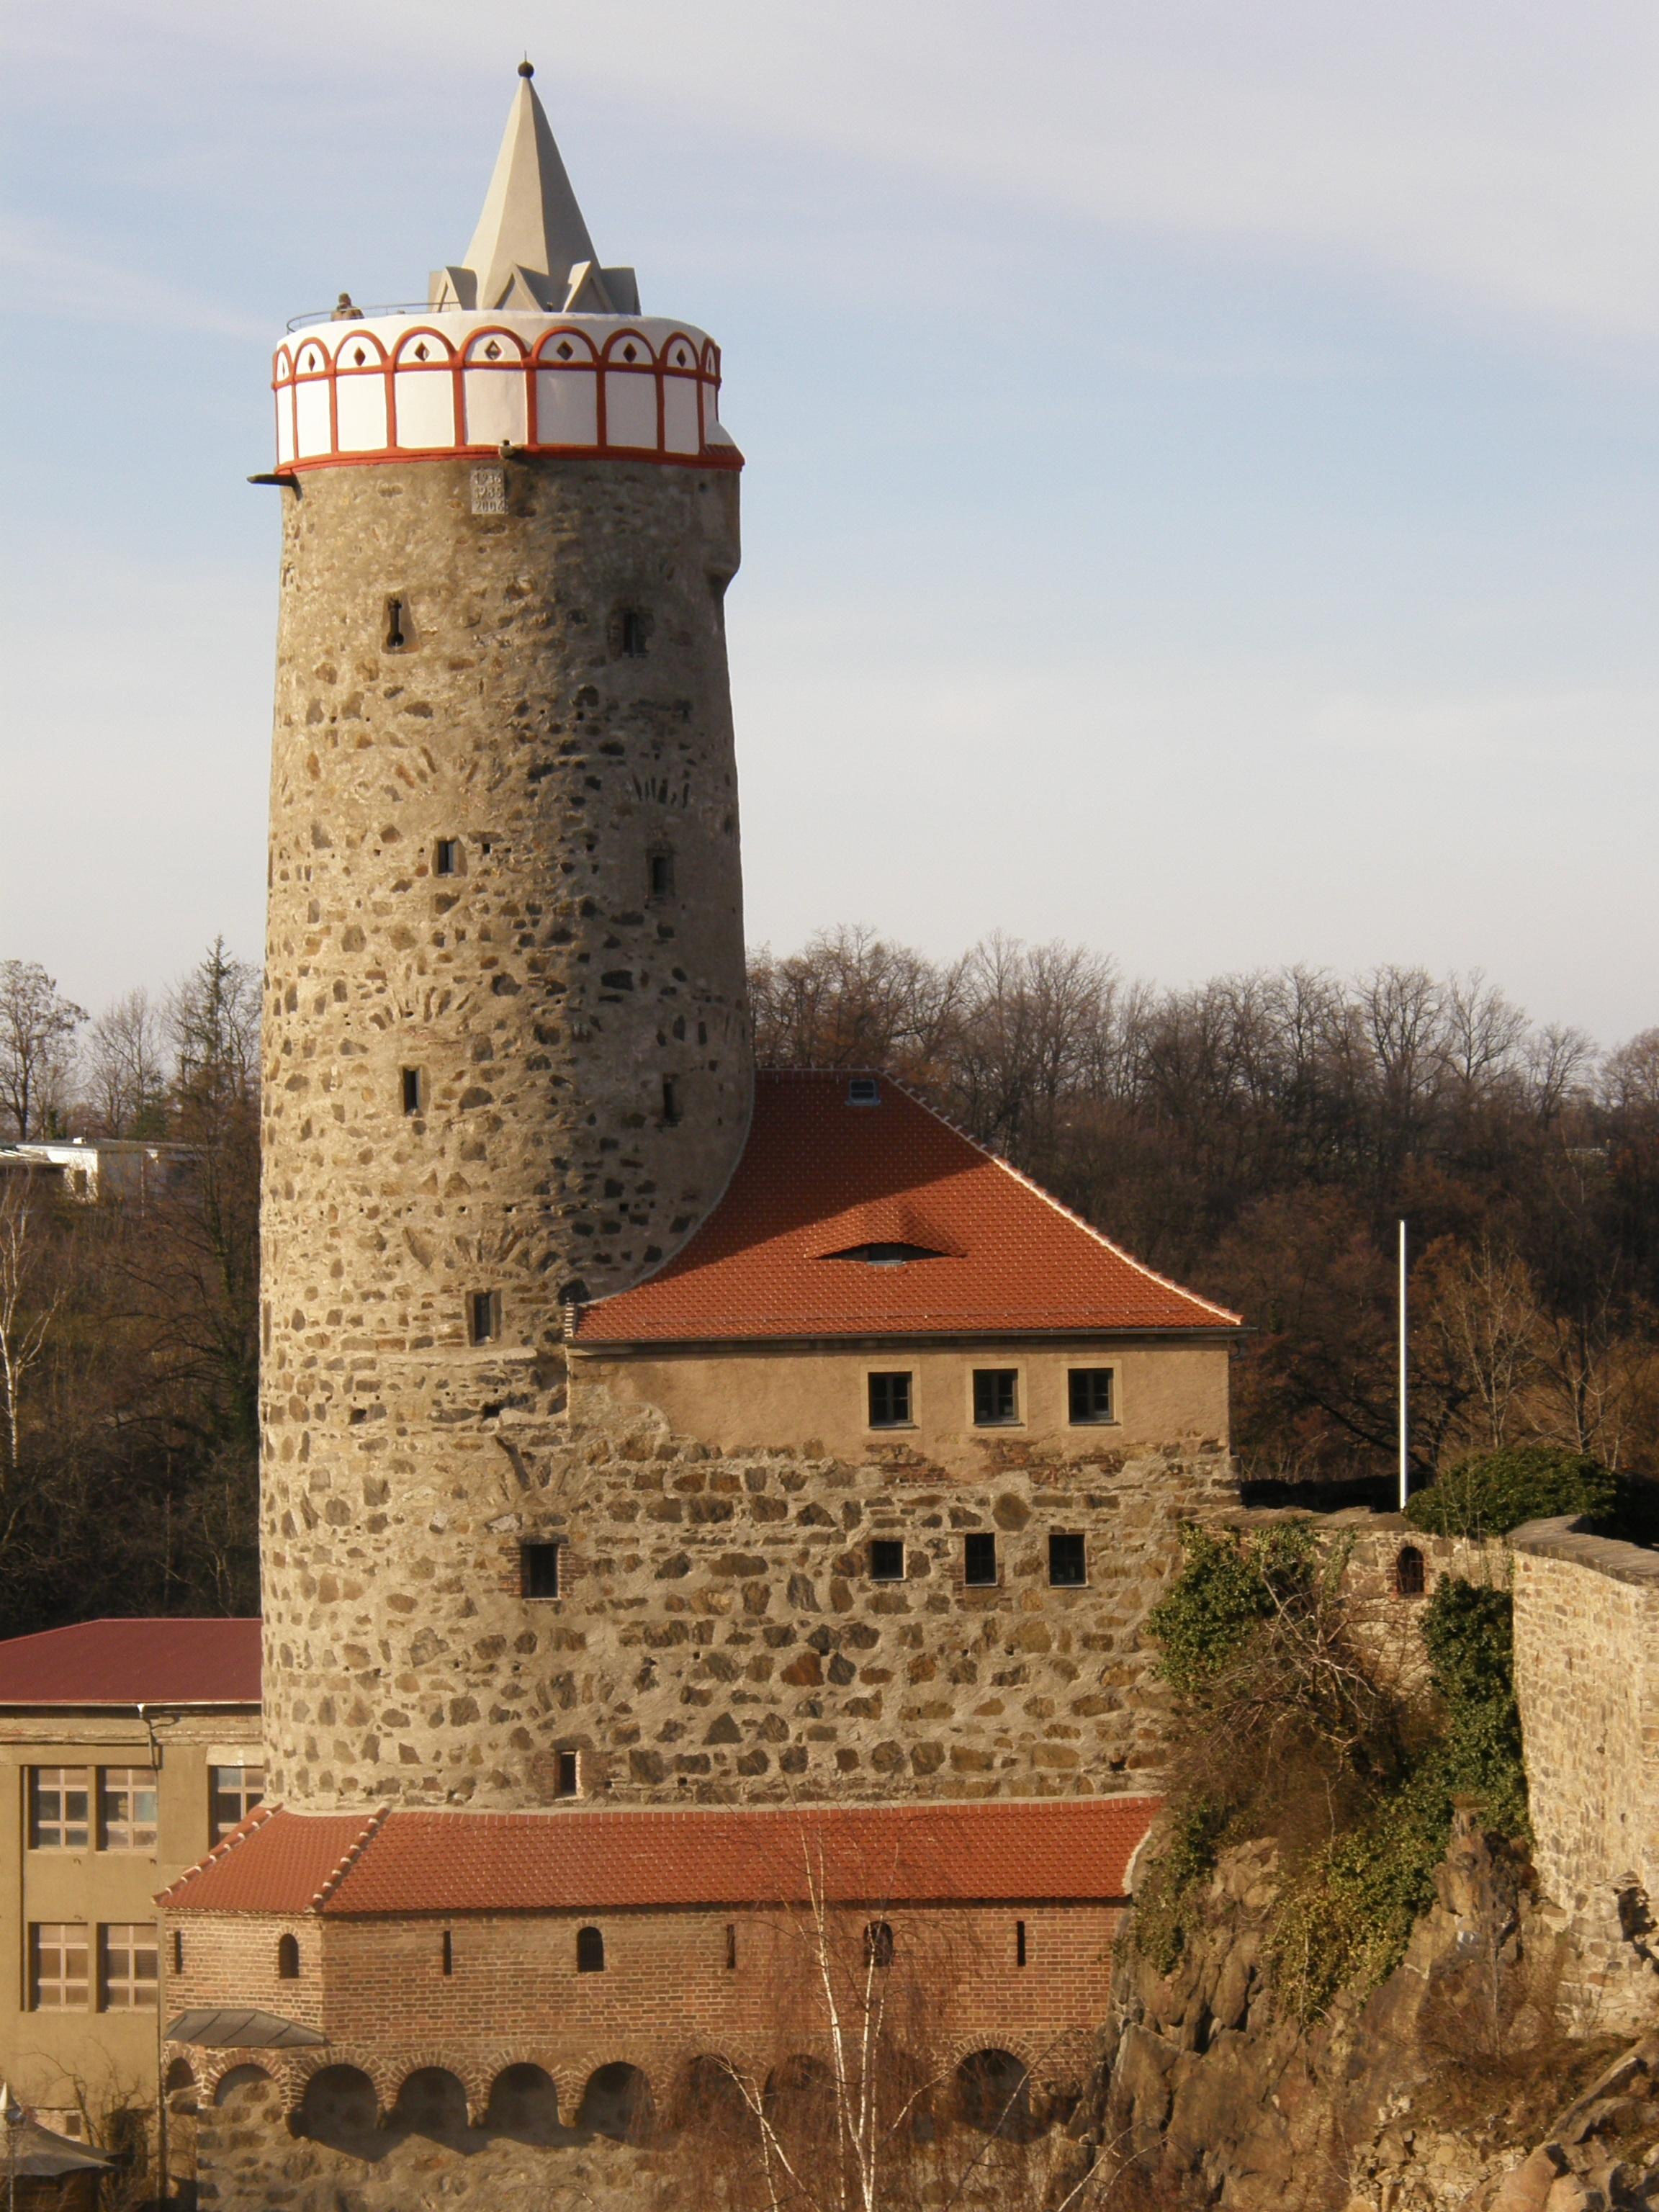 Картинка замка старинного с башнями